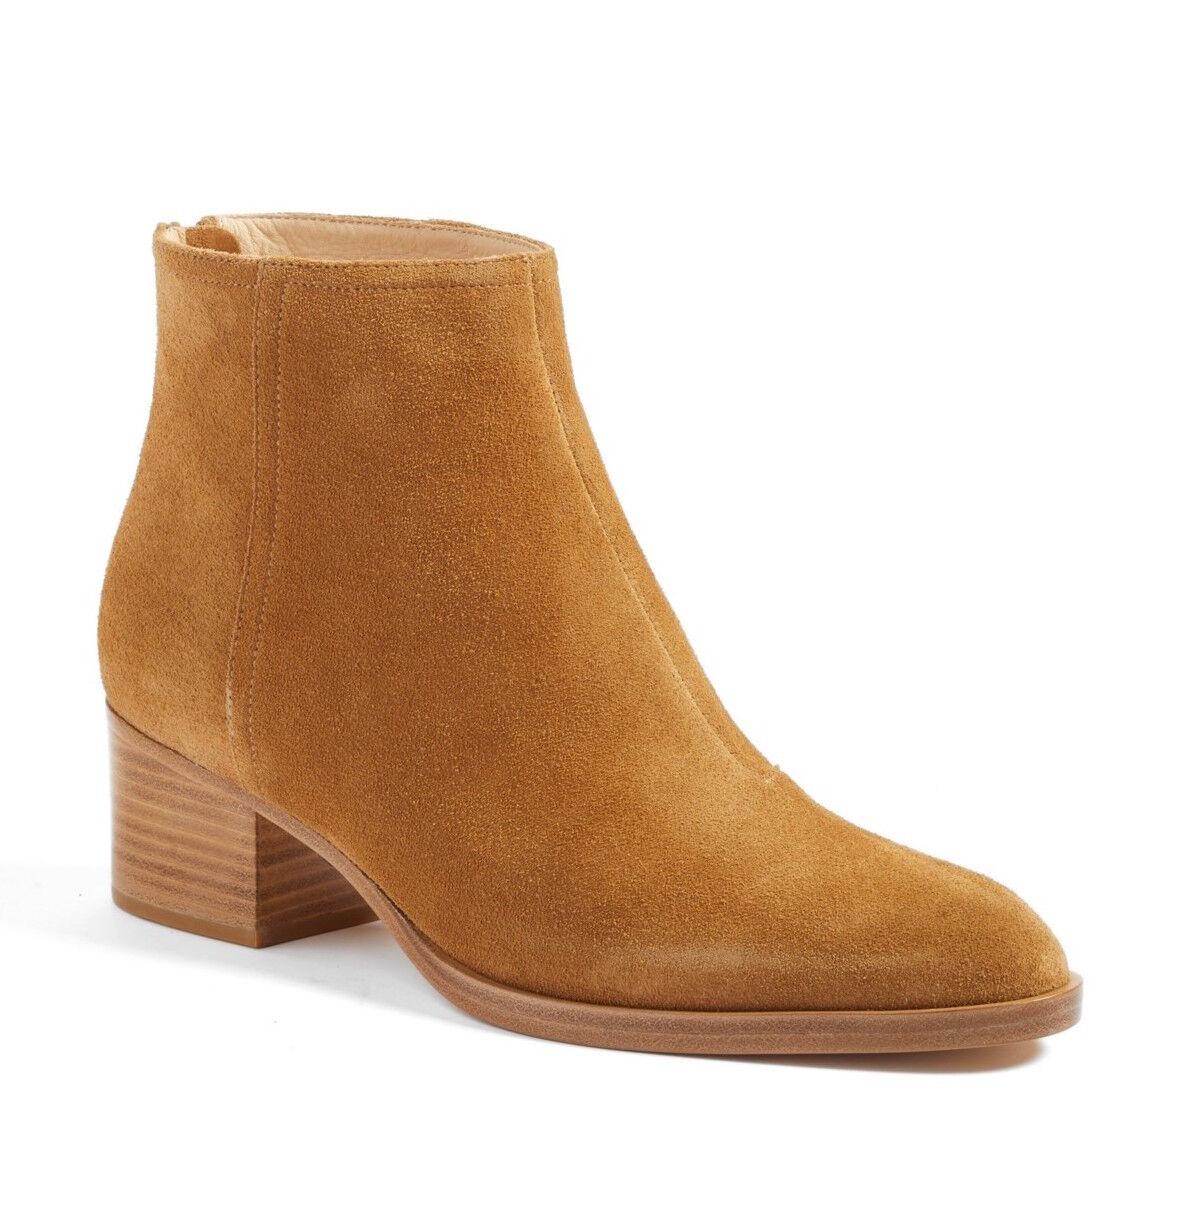 Rag & Bone WESLEY Hazel Brown Suede Ankle Boots 7 NIB